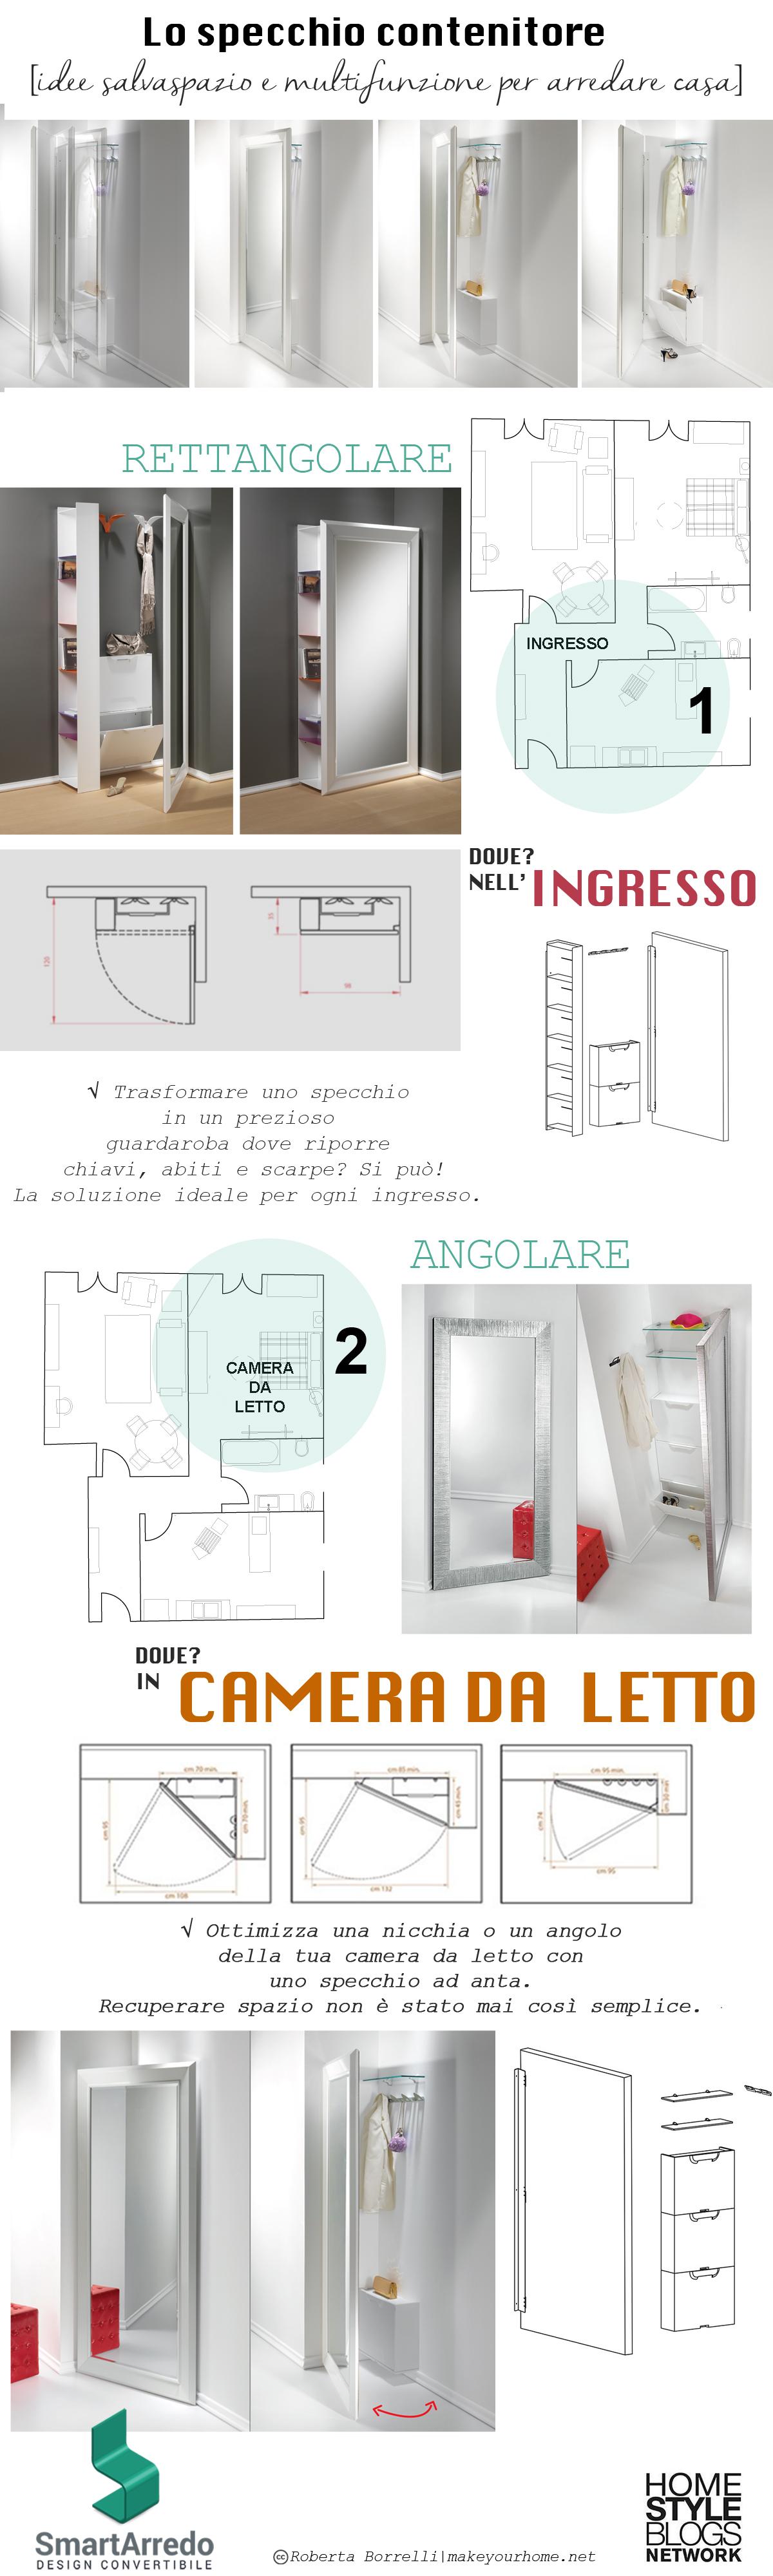 Specchi ad angolo - Arredare una casa piccola - Infografica